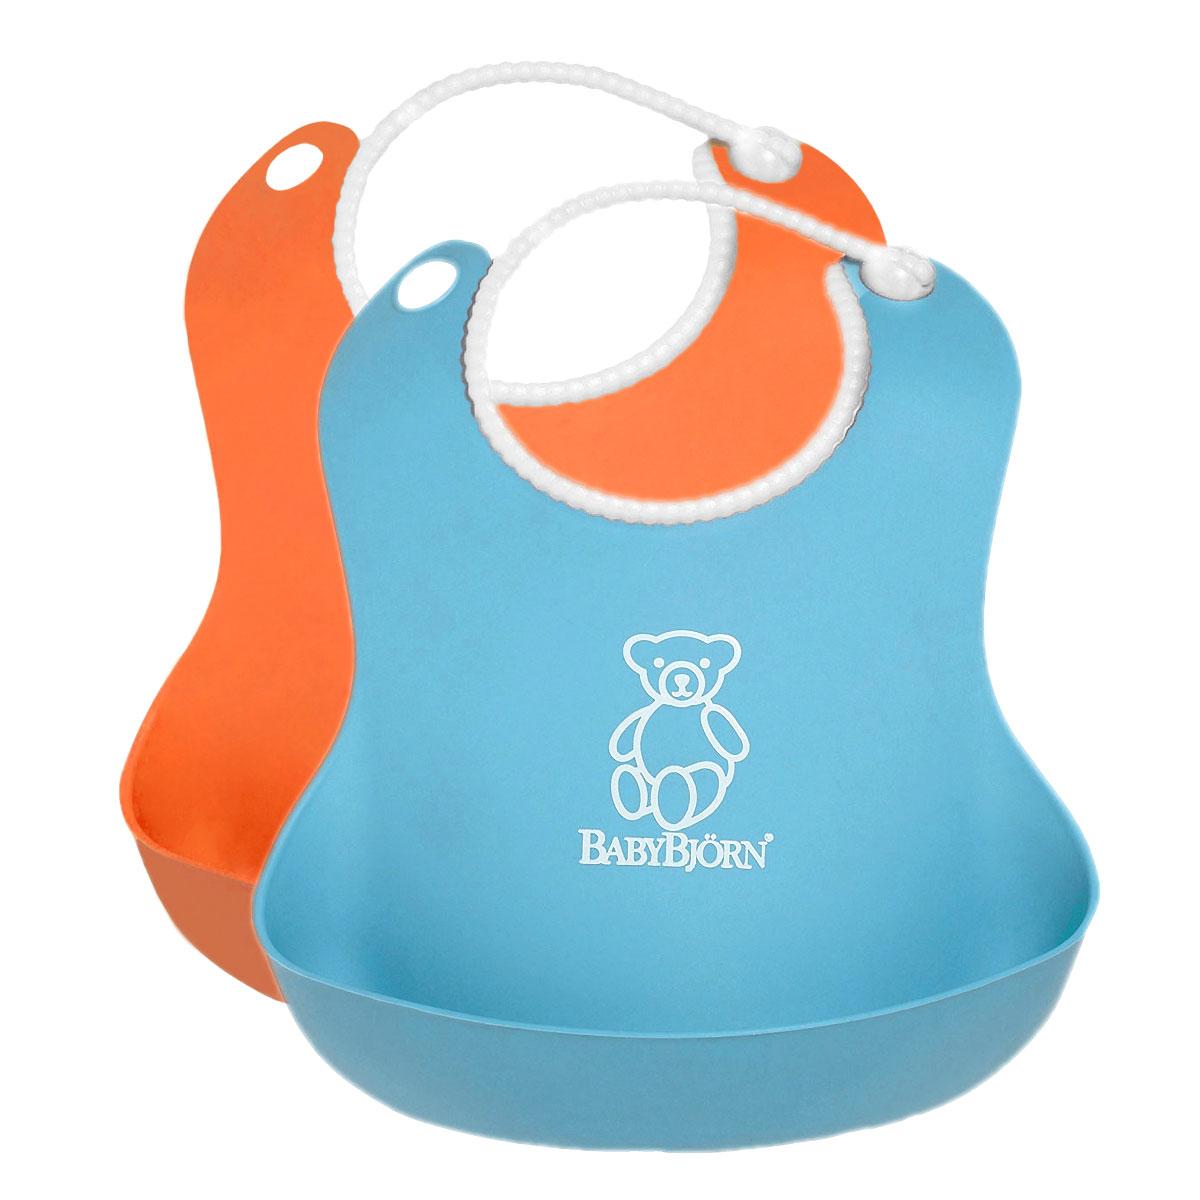 """Комплект нагрудников """"BabyBjorn"""", цвет: оранжевый, бирюзовый, 2 шт 0462.07"""